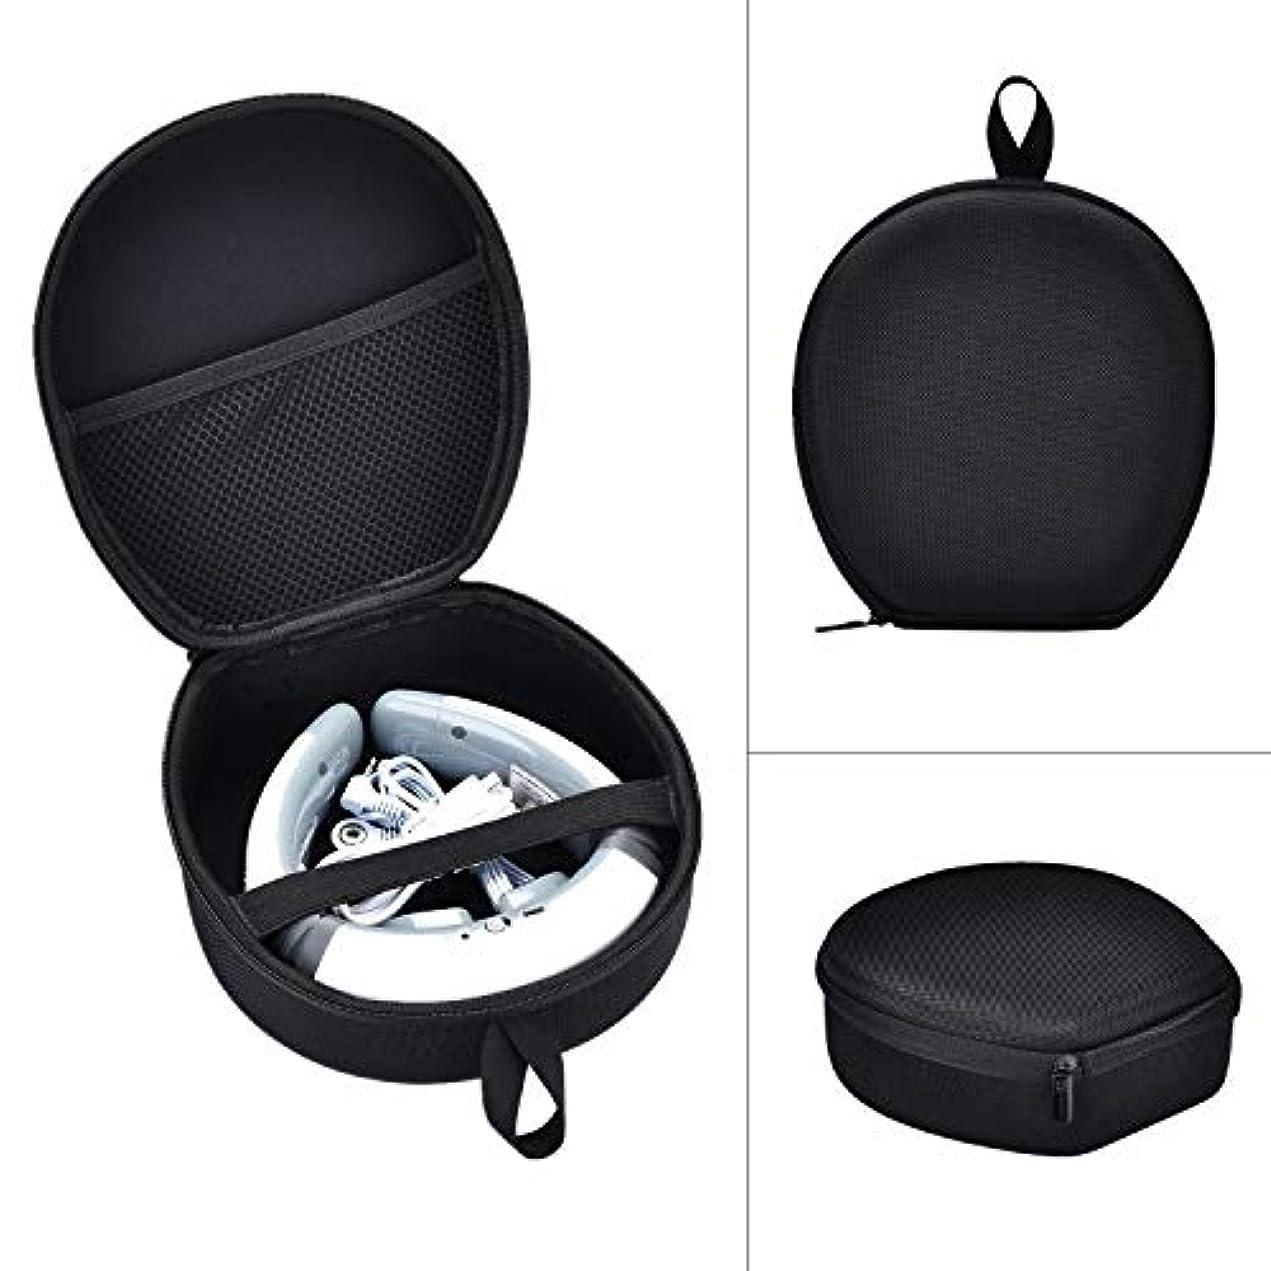 咲く鮫チューインガム首マッサージャー 収納ケースFor SQIAO ネックマッサージャー マッサージ 保護ボックス (ブラック)